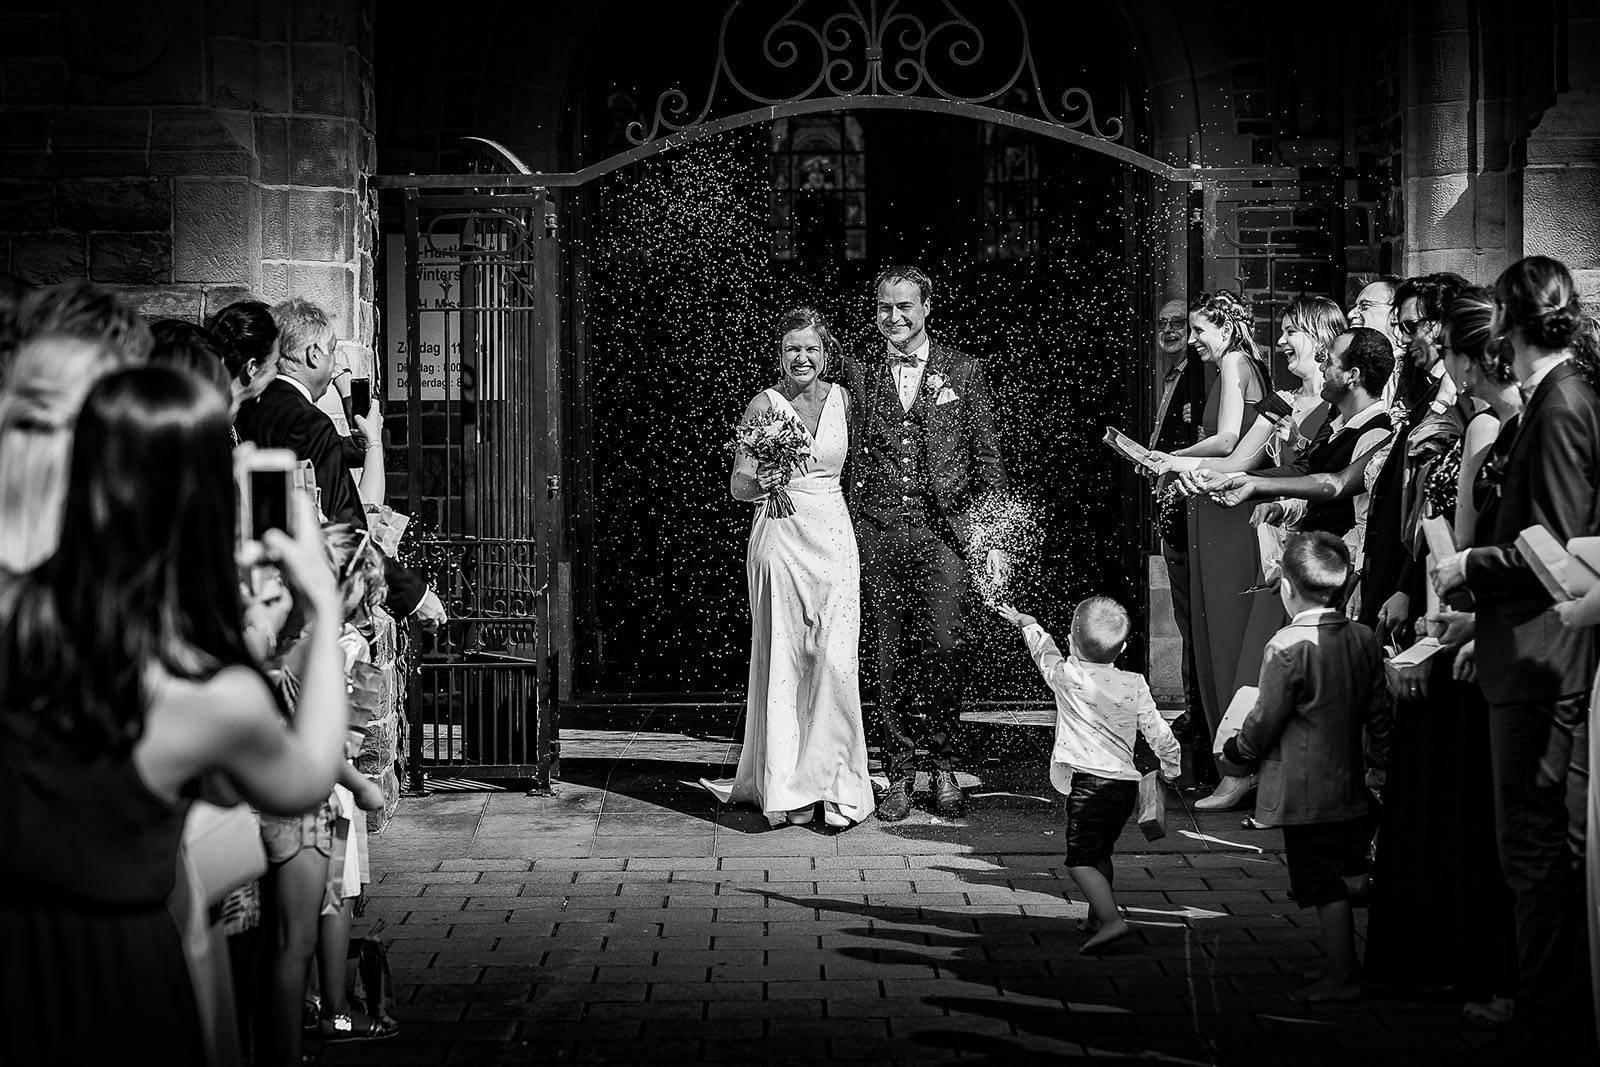 Wondermooi - Trouwfotograaf - Huwelijksfotograaf - Fotograaf - House of Weddings - 15